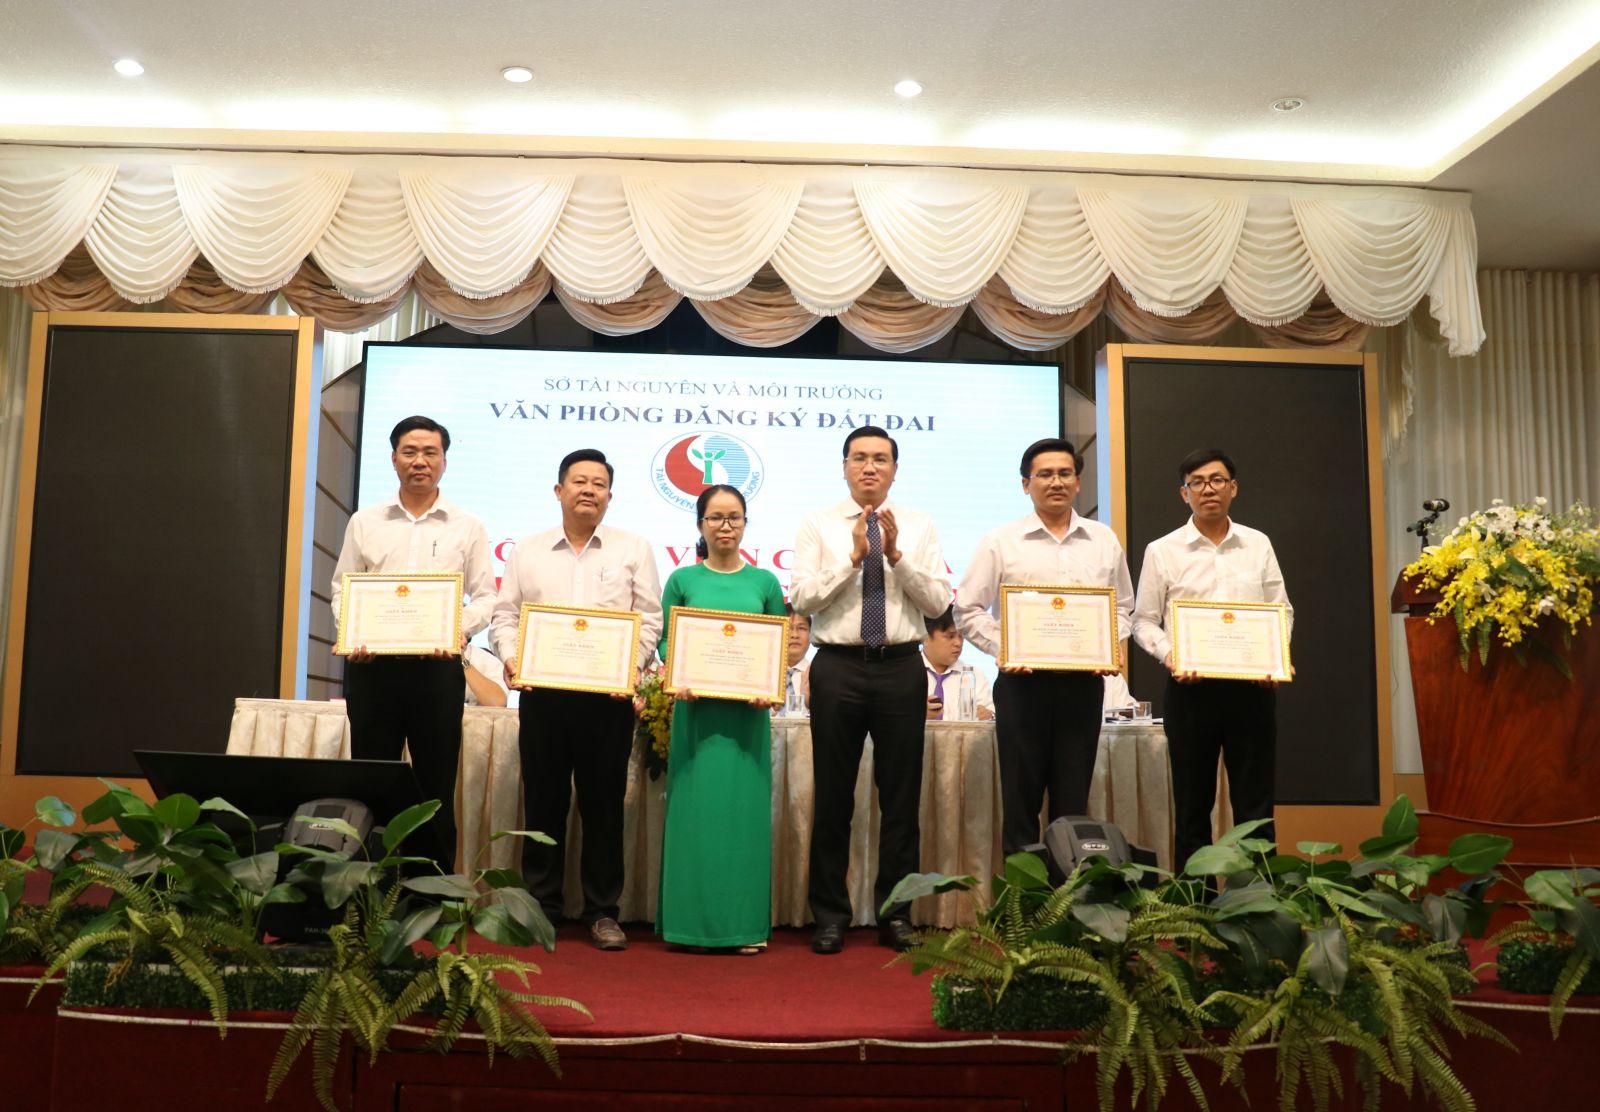 Nhiều cá nhân, tập thể của Văn phòng Đăng ký đất đai được khen thưởng vì hoàn thành xuất sắc nhiệm vụ